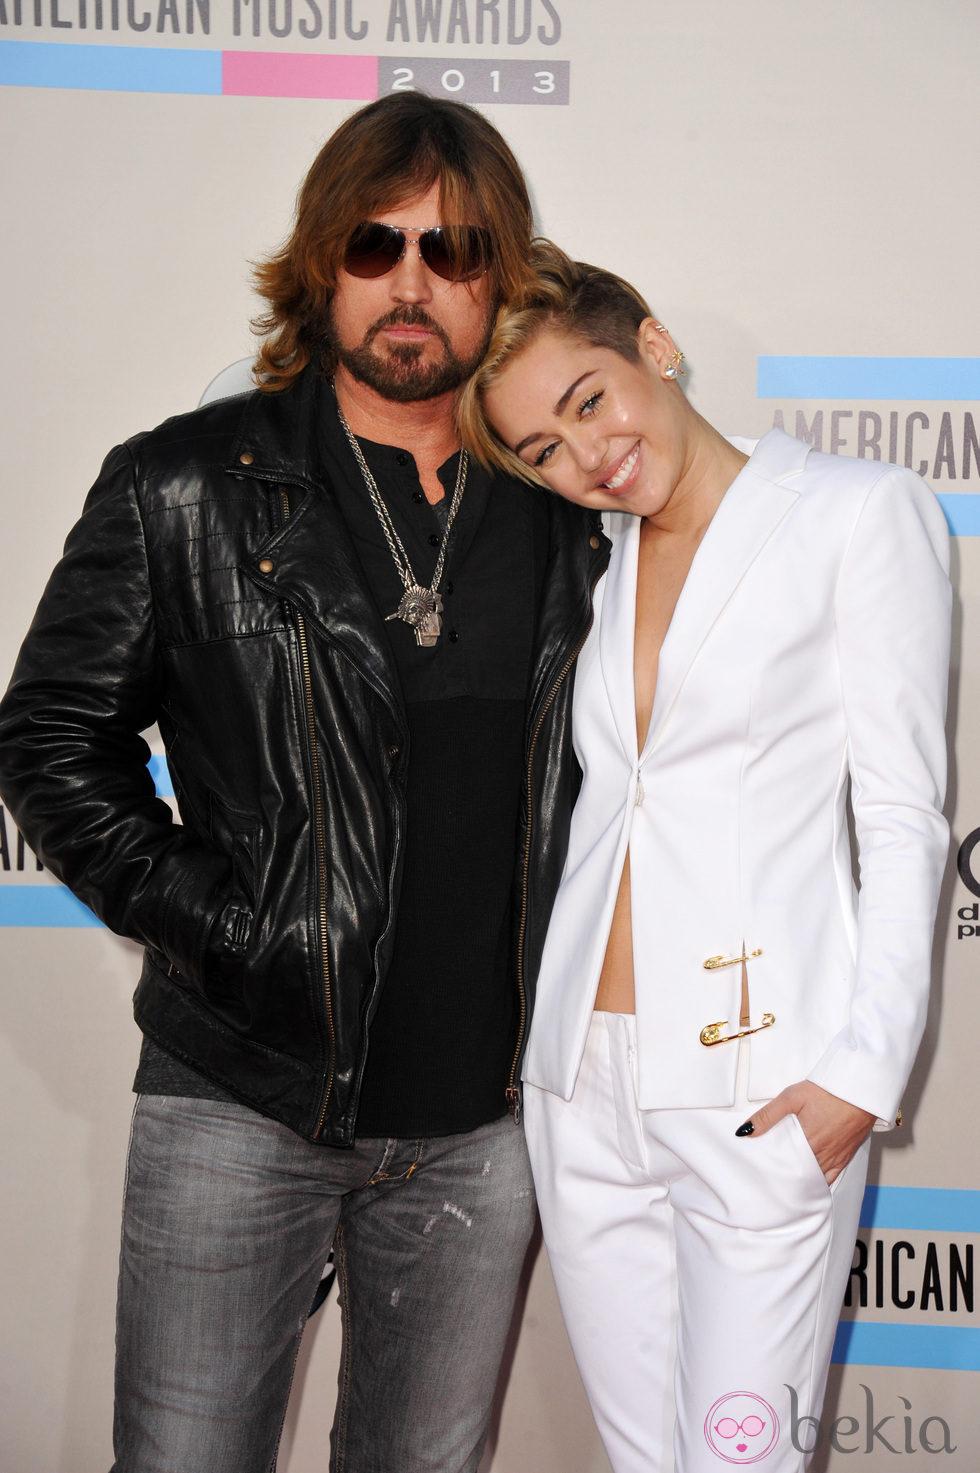 Miley Cyrus con su padre Billy Ray Cyrus en los American Music Awards 2013